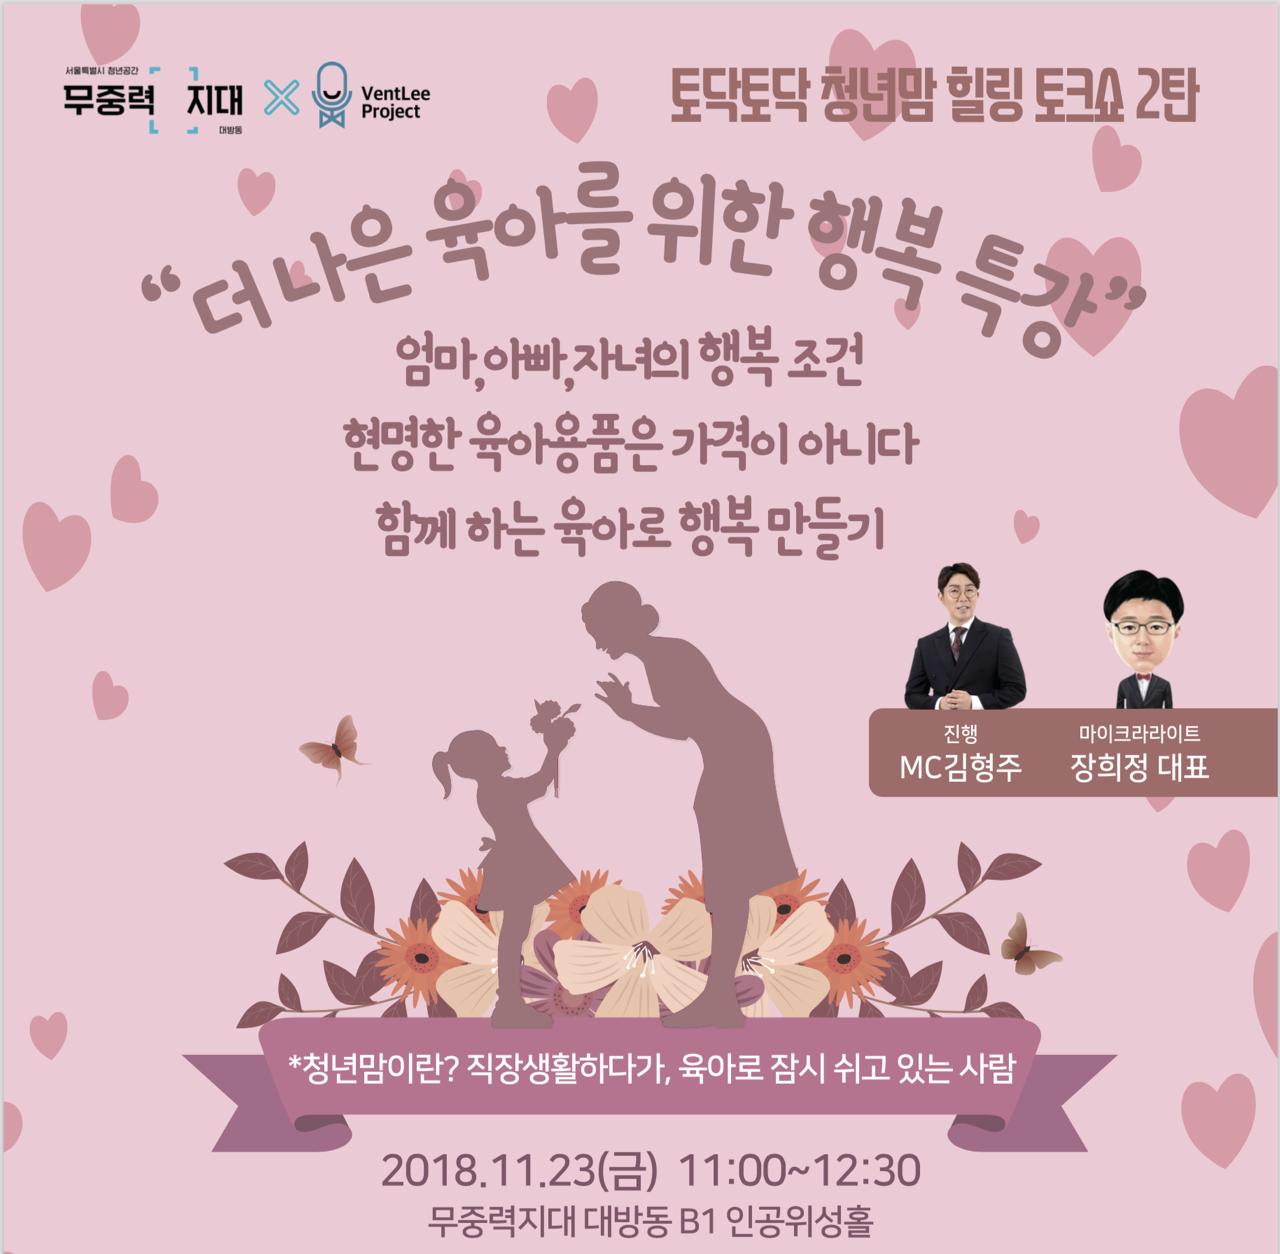 [나눔특강 두번째] 육아를 위한 행복특강